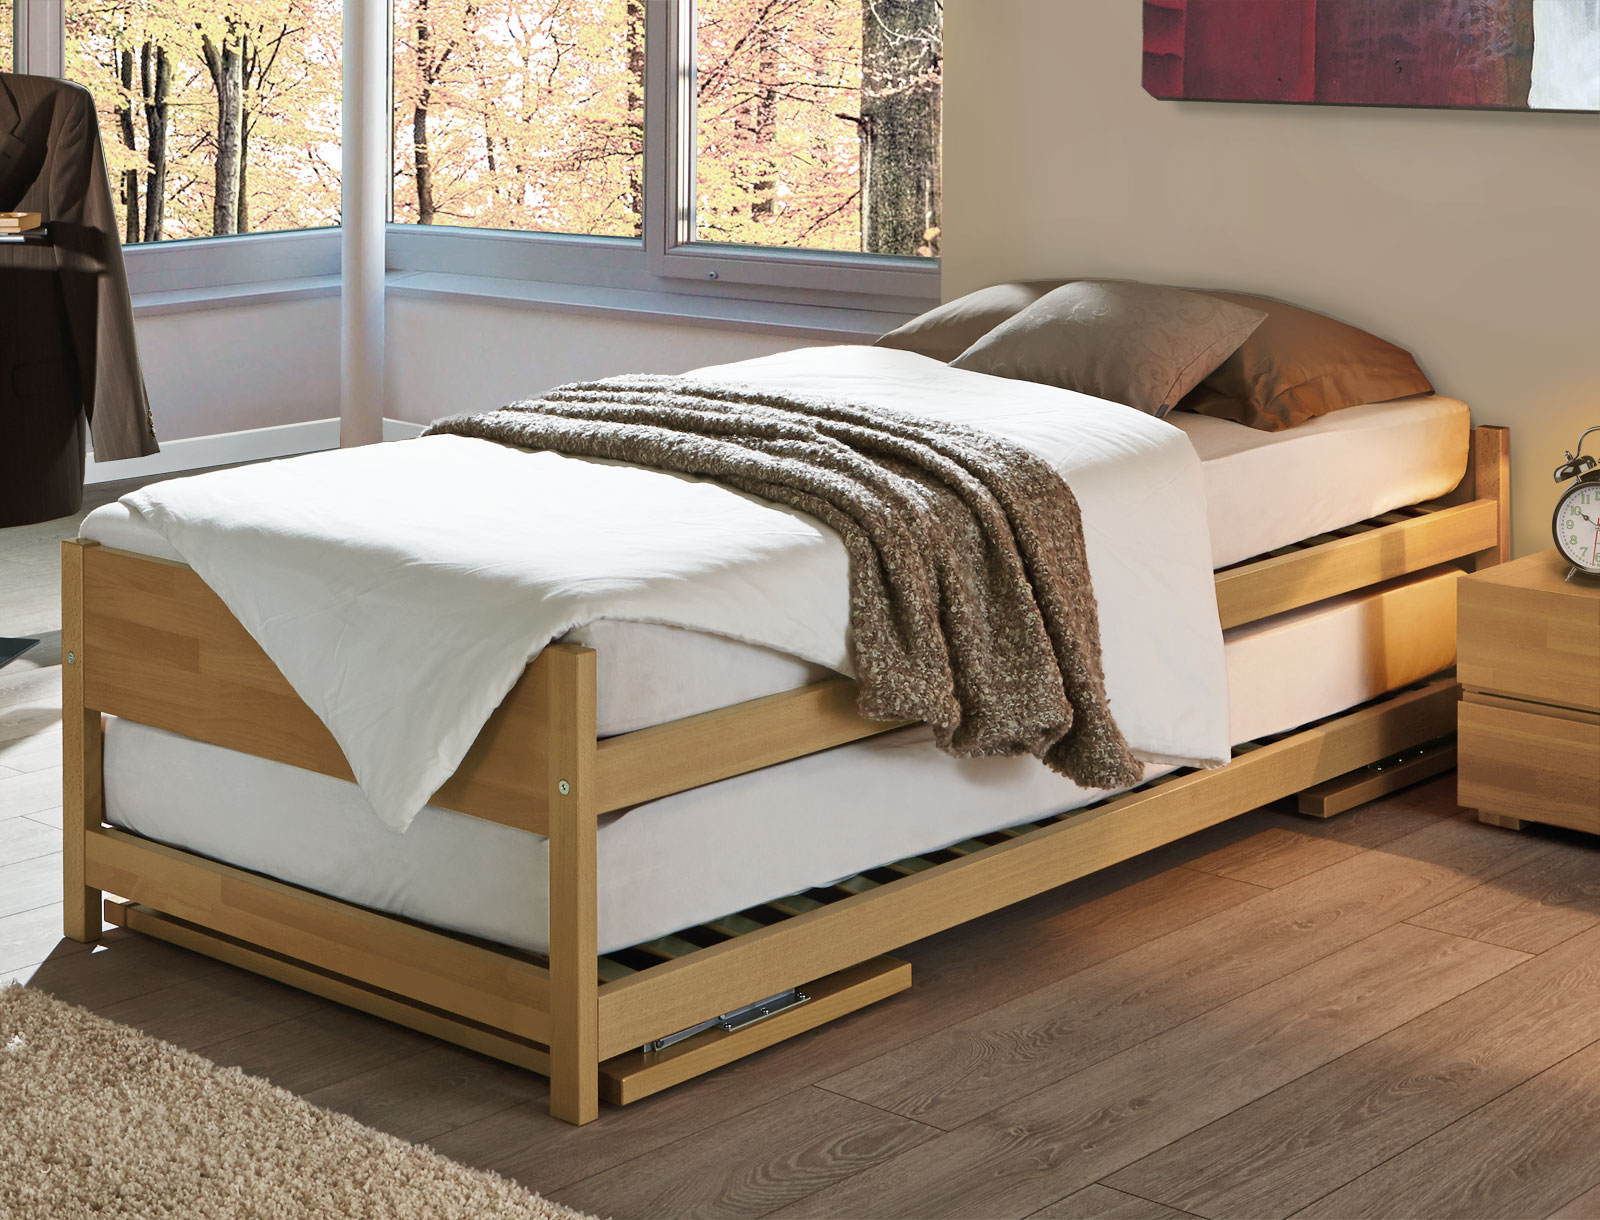 Full Size of Bett Mit Gästebett Zwei Betten Gleicher Gre Unser Ausziehbett On Top Modern Design 120x200 Küche Elektrogeräten Altes München überlänge Französische Bett Bett Mit Gästebett